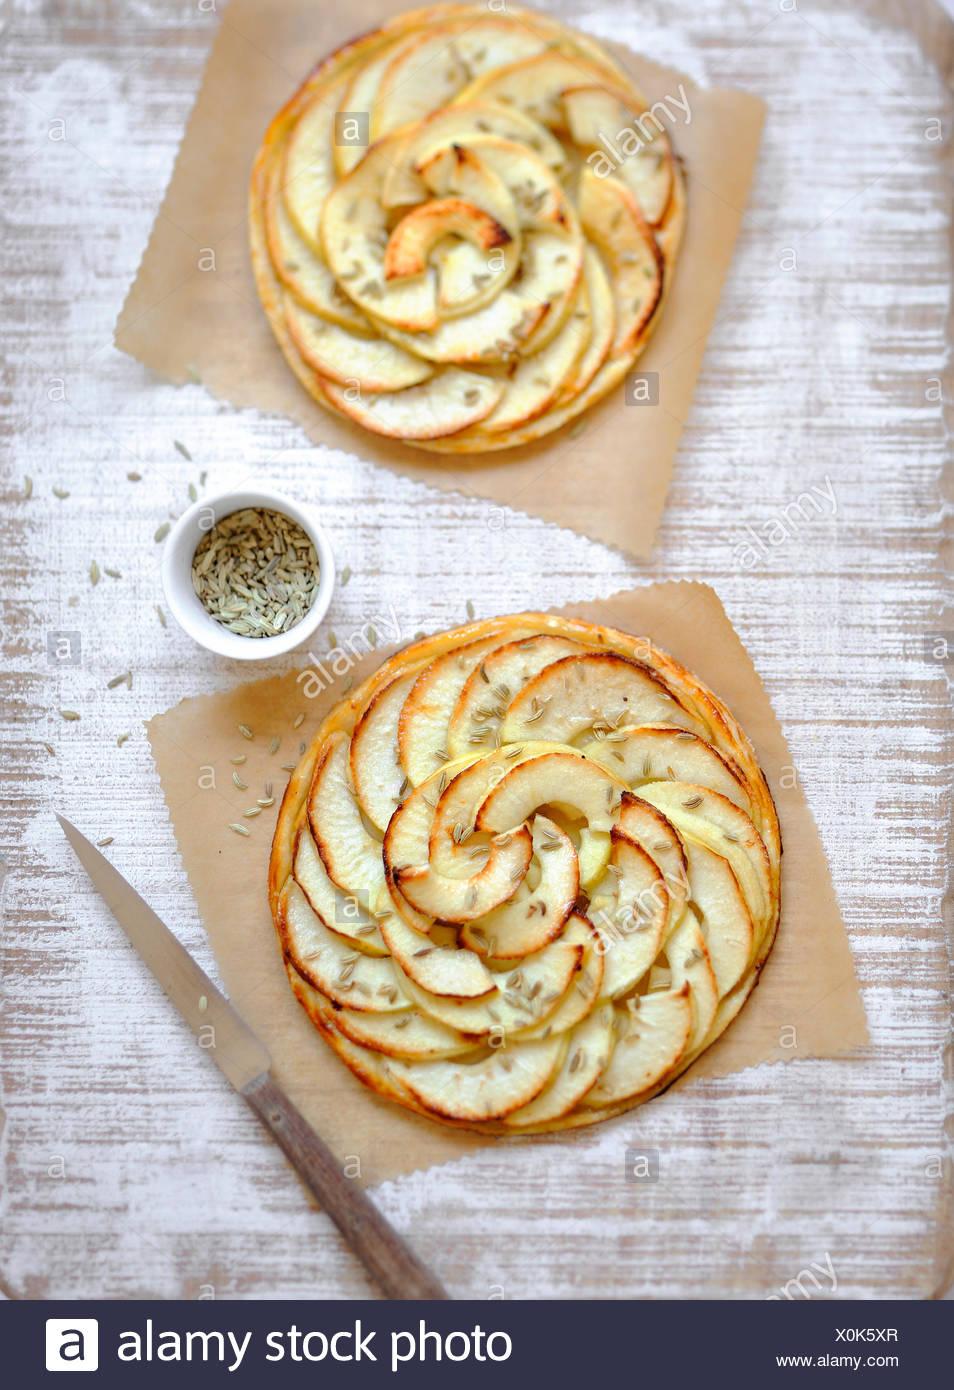 Apple y anís tartas de pastelería fina Imagen De Stock